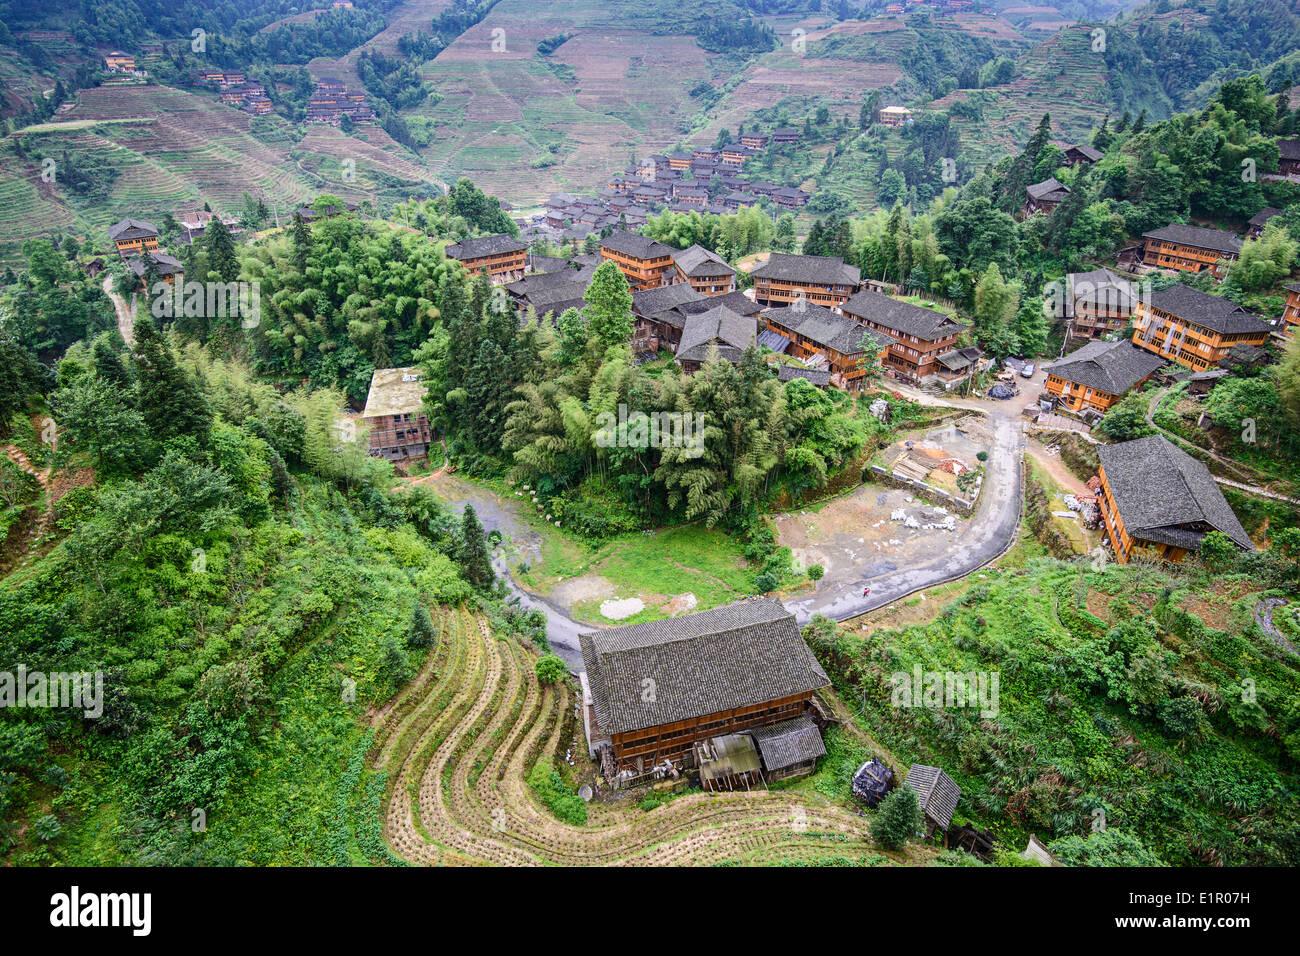 Longsheng village de Guangxi, Chine. Photo Stock